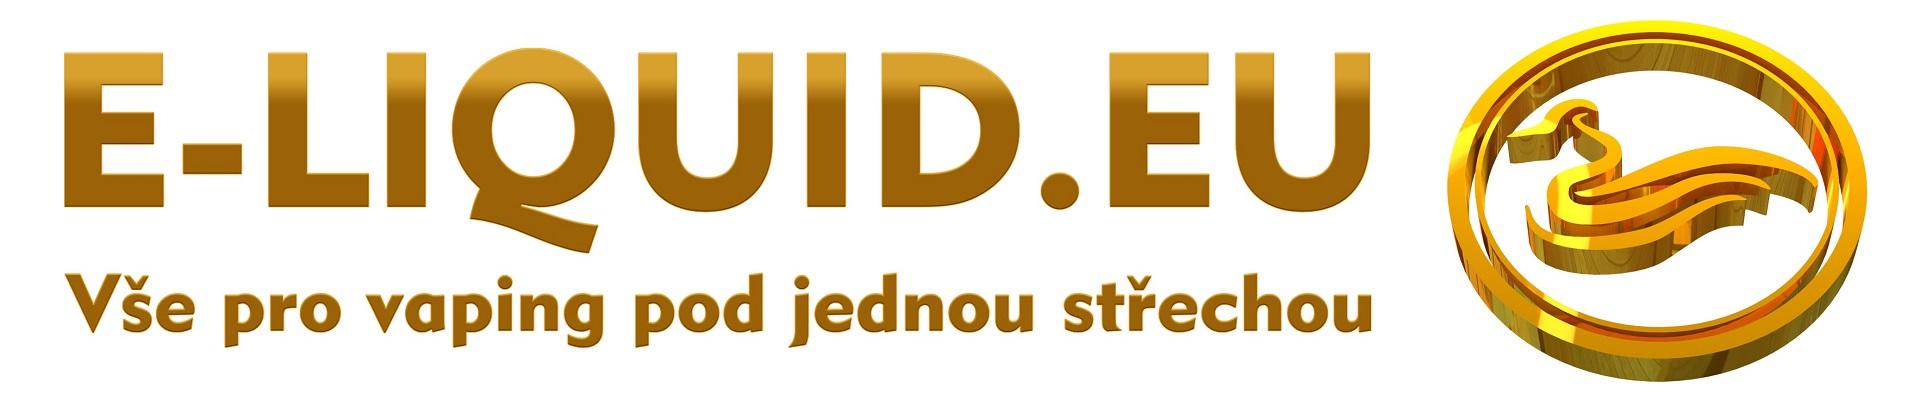 Logo E-LIQUID.EU